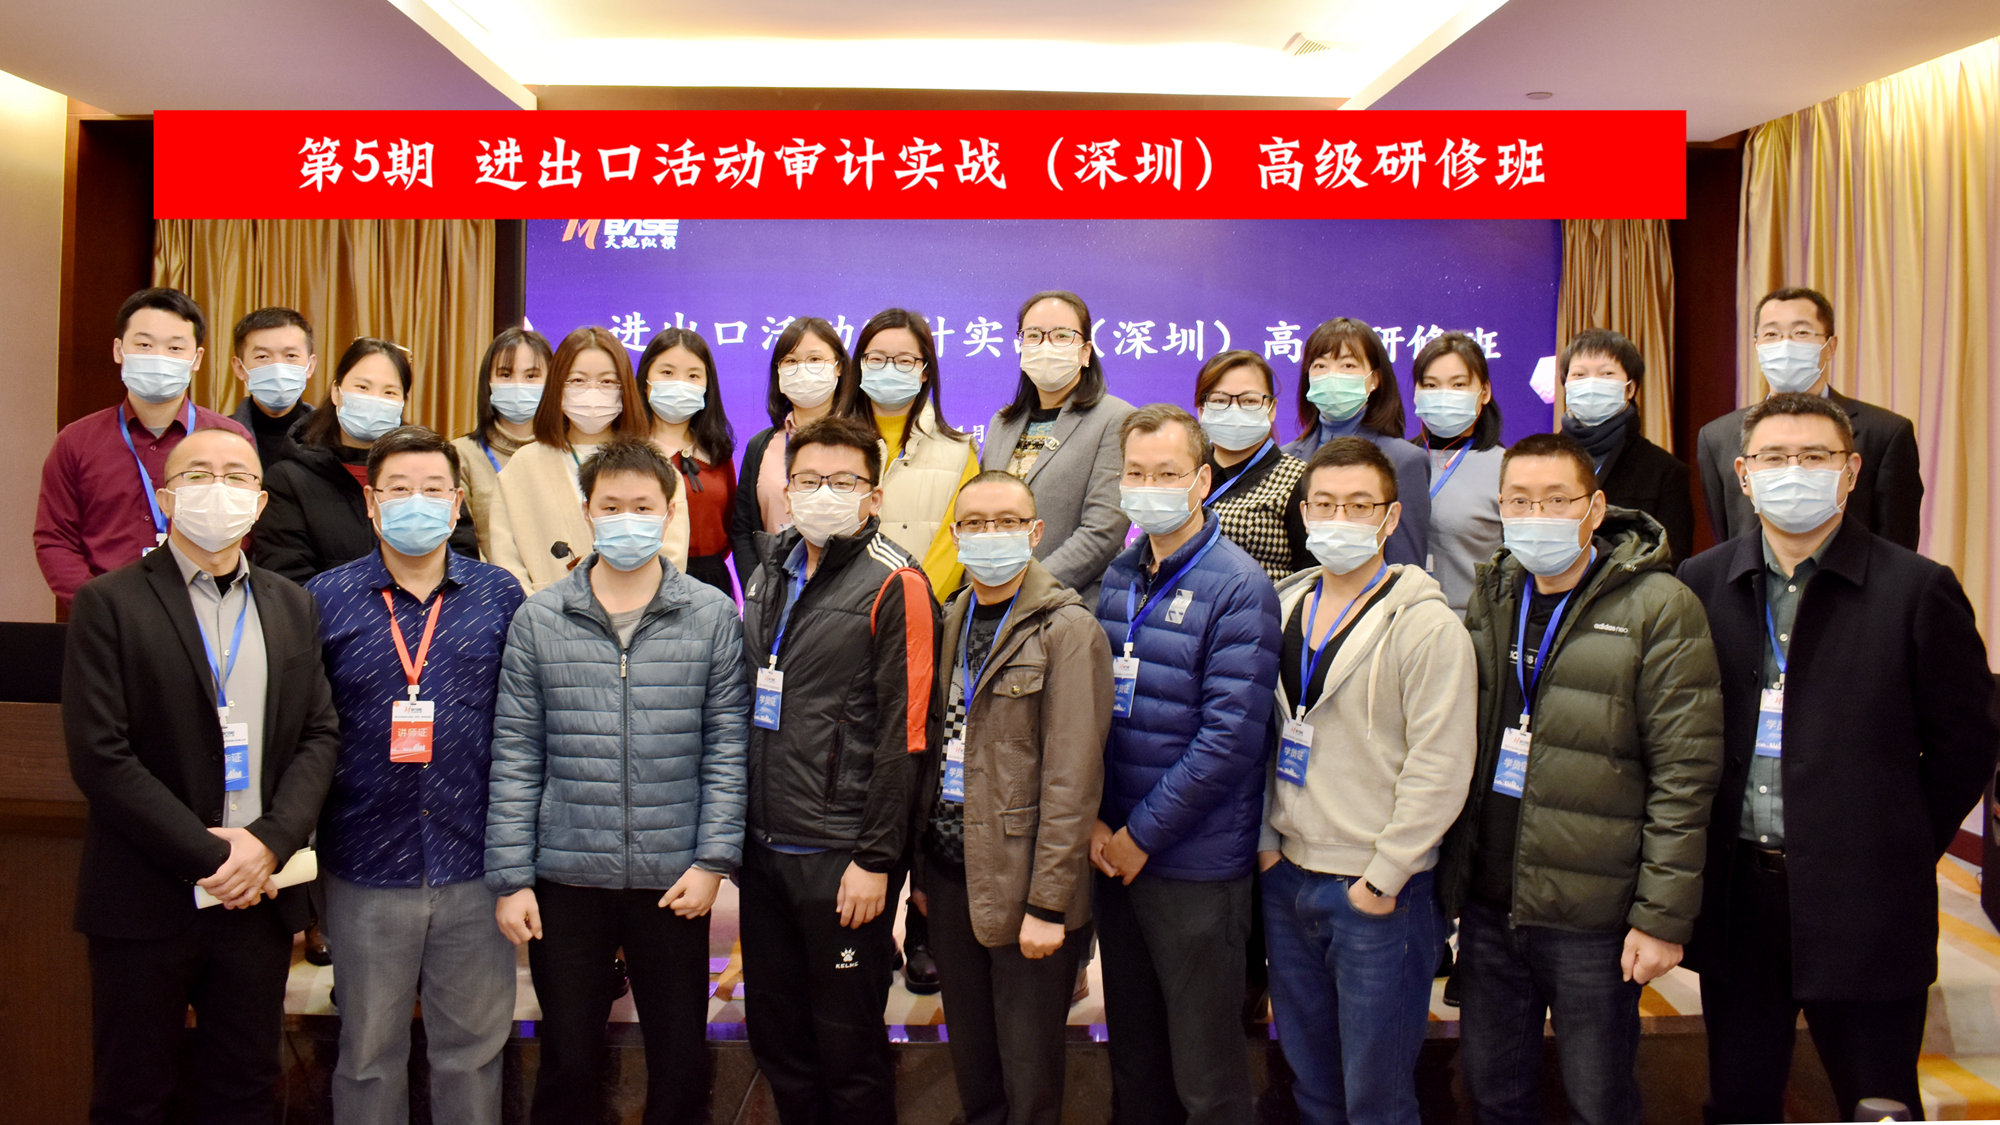 祝贺 | 天地纵横第5期进出口活动审计实战(深圳)高级研修班成功举办